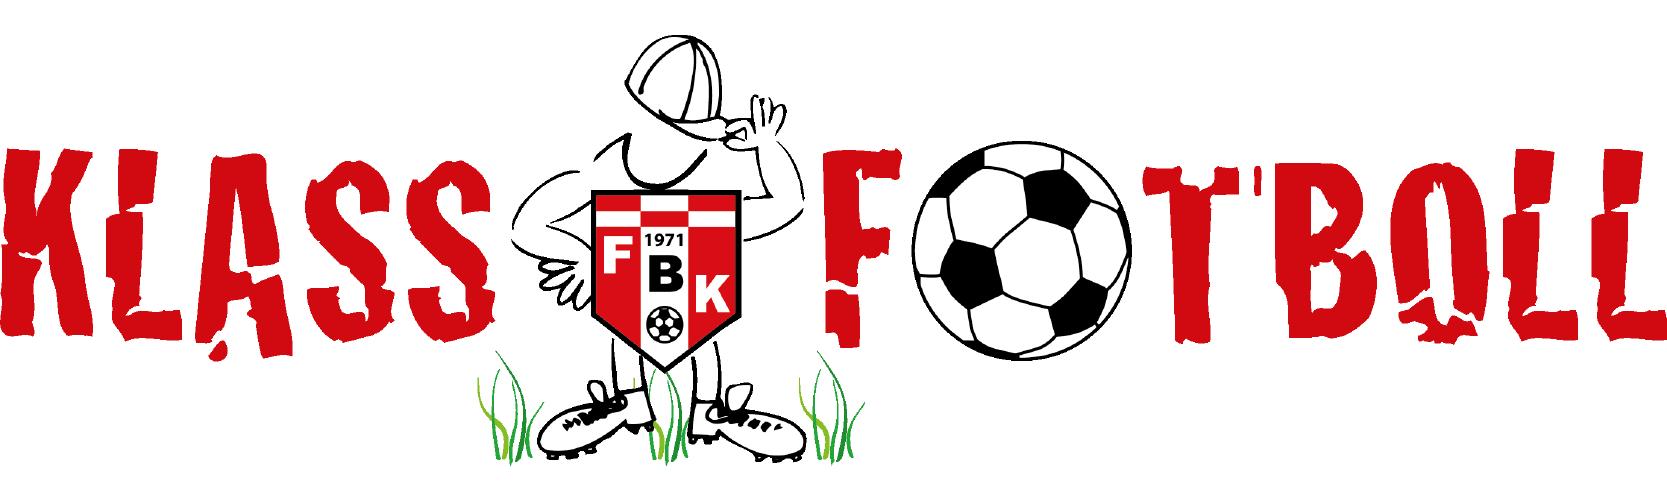 Klassfotbollen Karlstad och Hammarö 2020